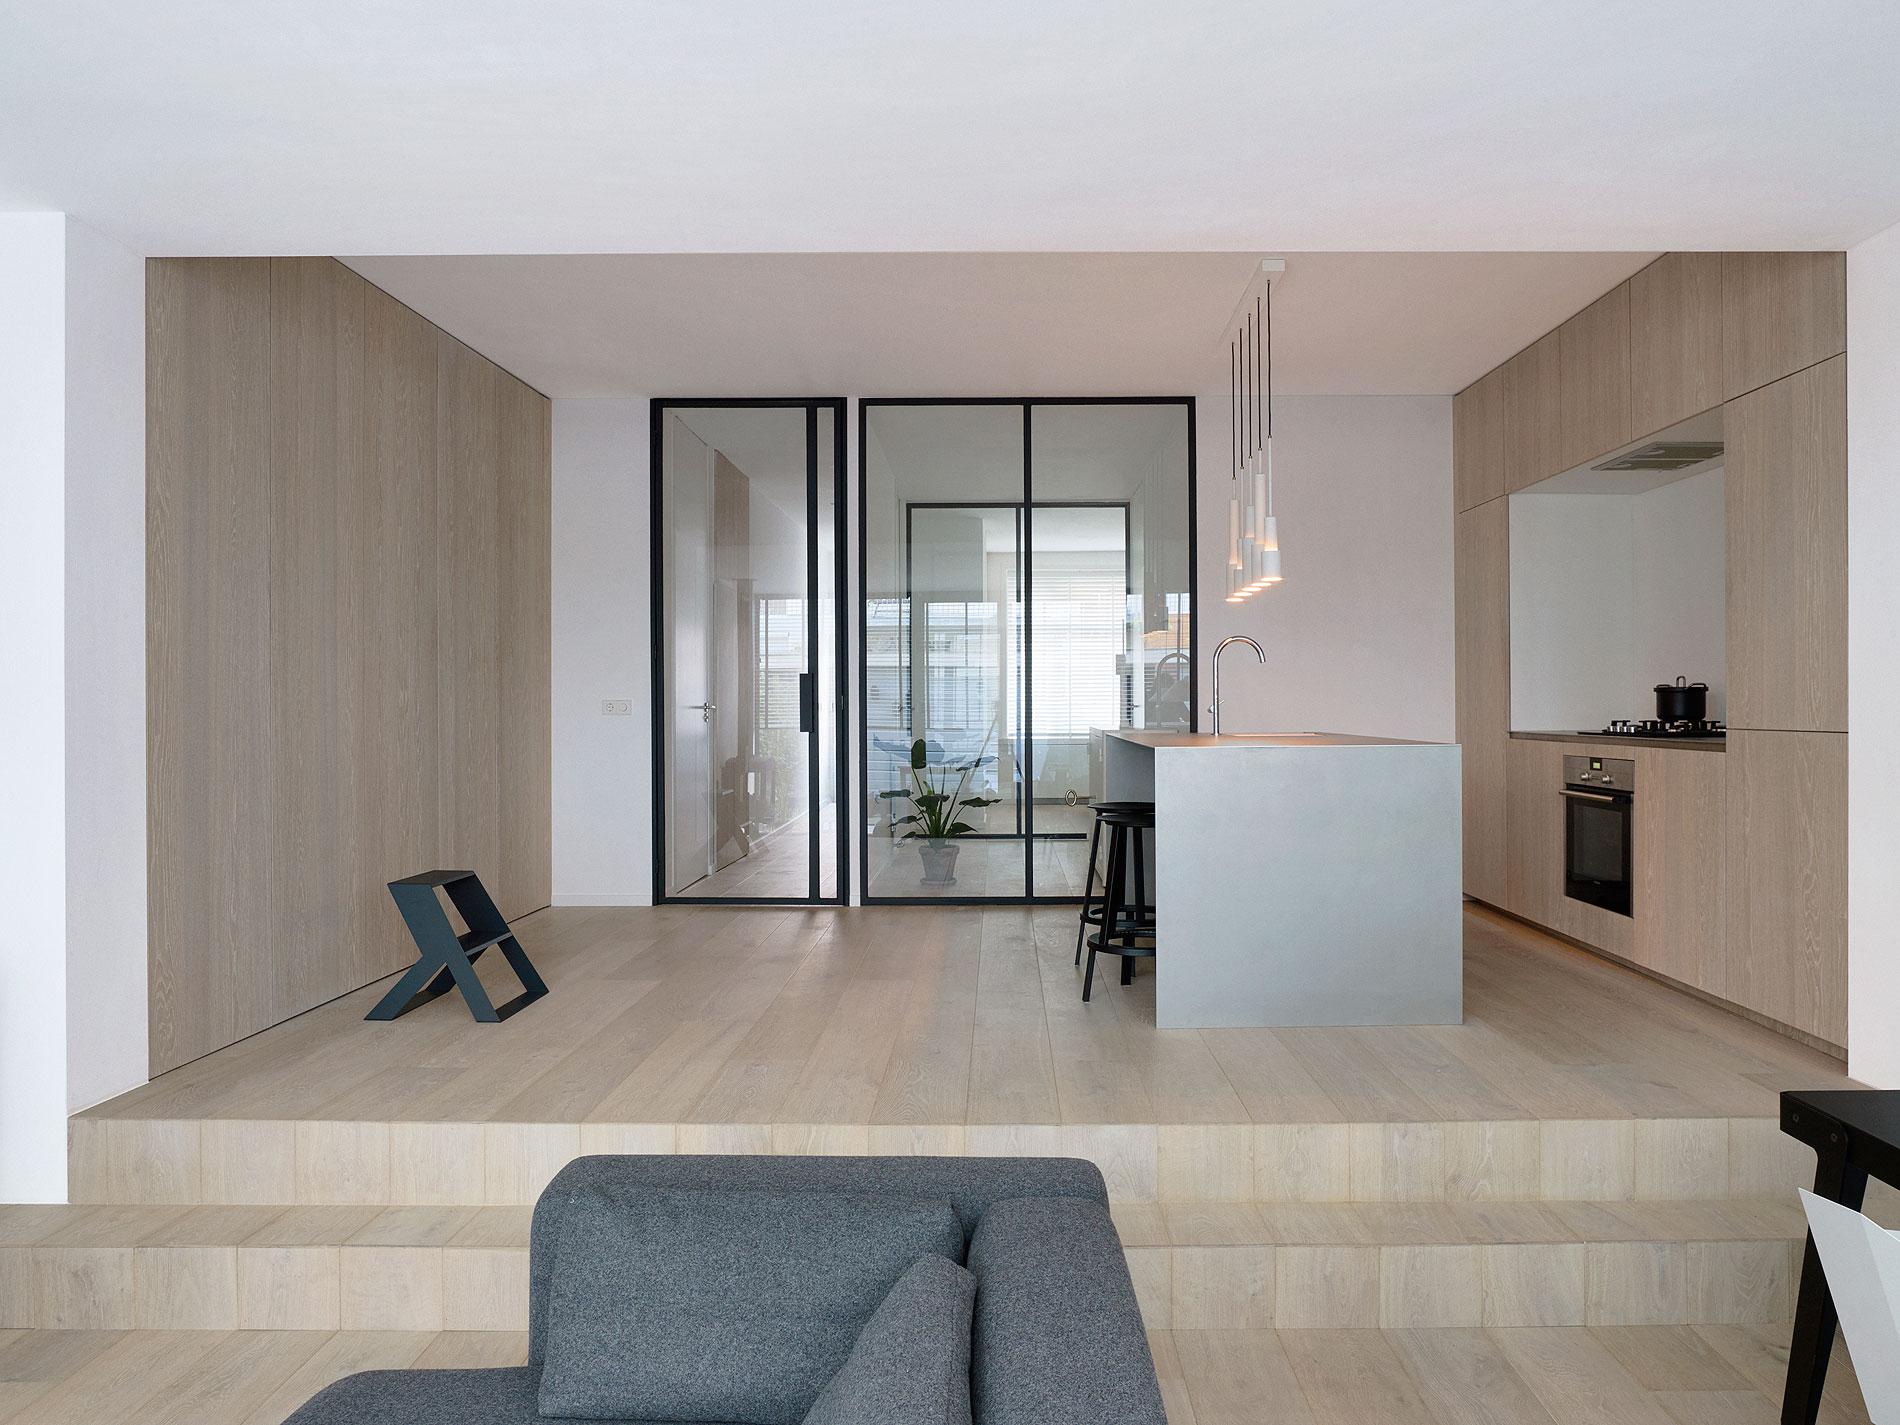 Apartamento en amsterdam dise ado por frederik roij - Apartamentos en amsterdam ...